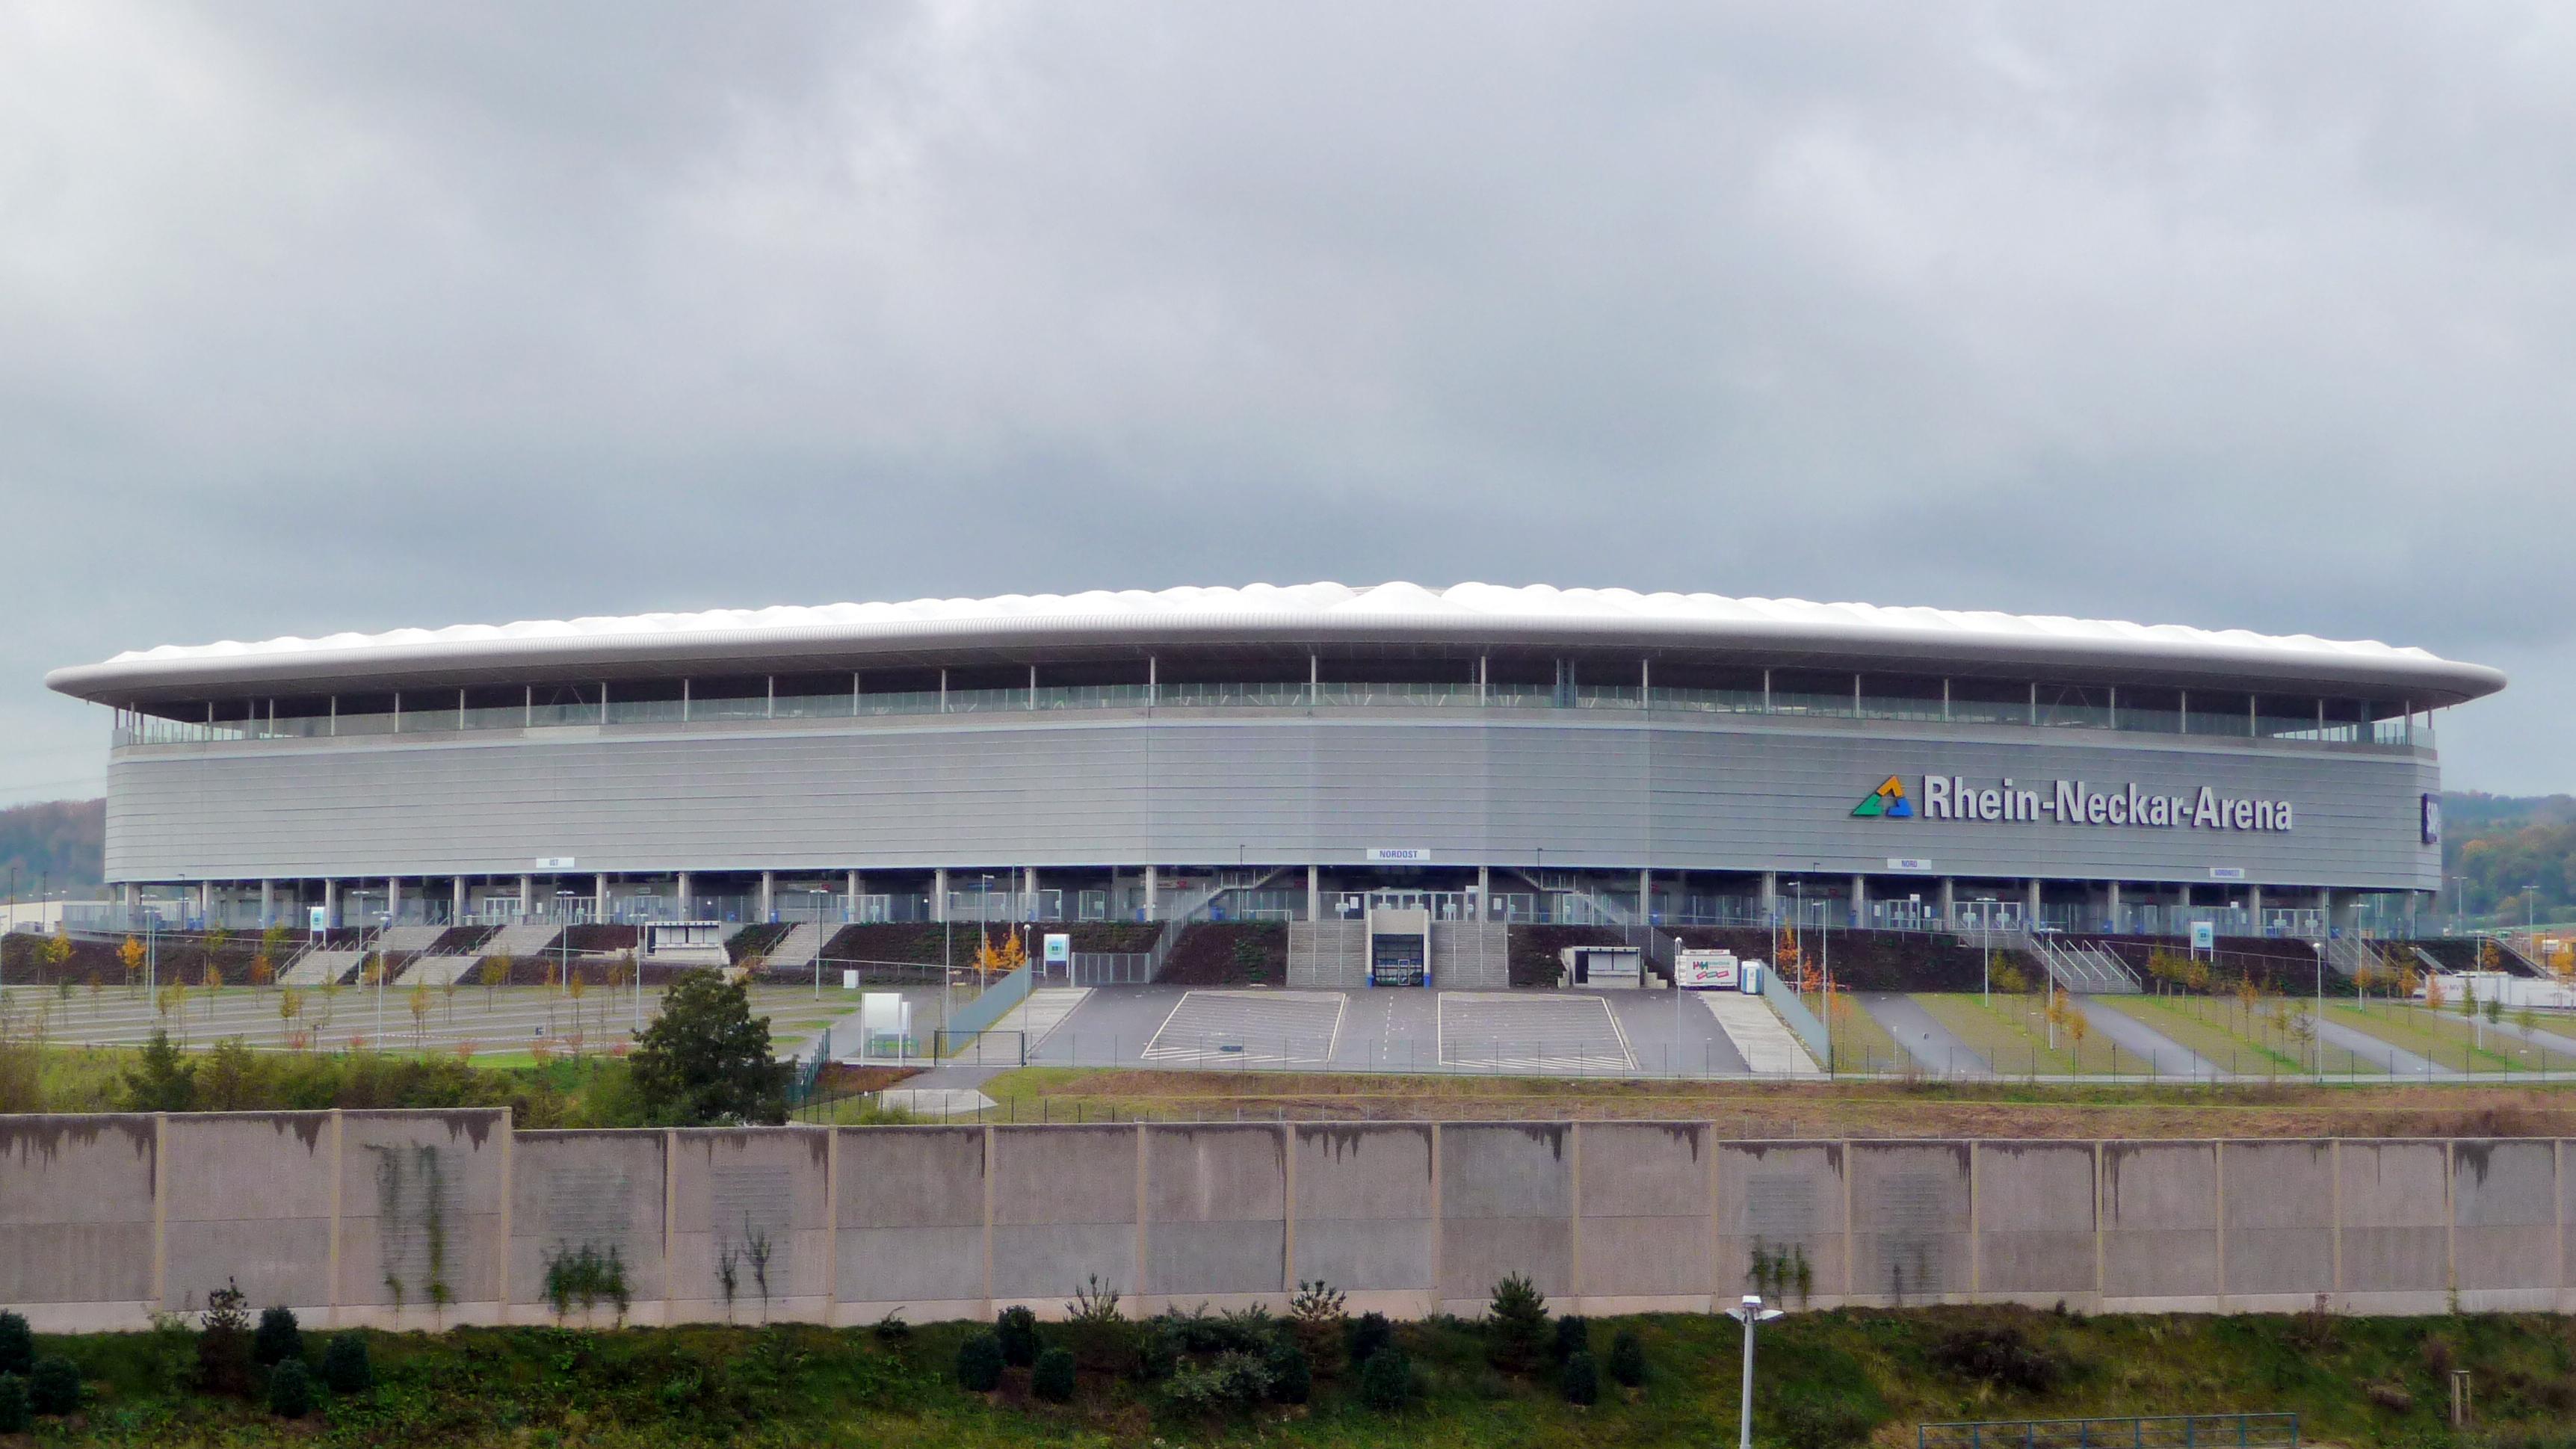 Die Rhein-Neckar-Arena in Sinsheim (2009)